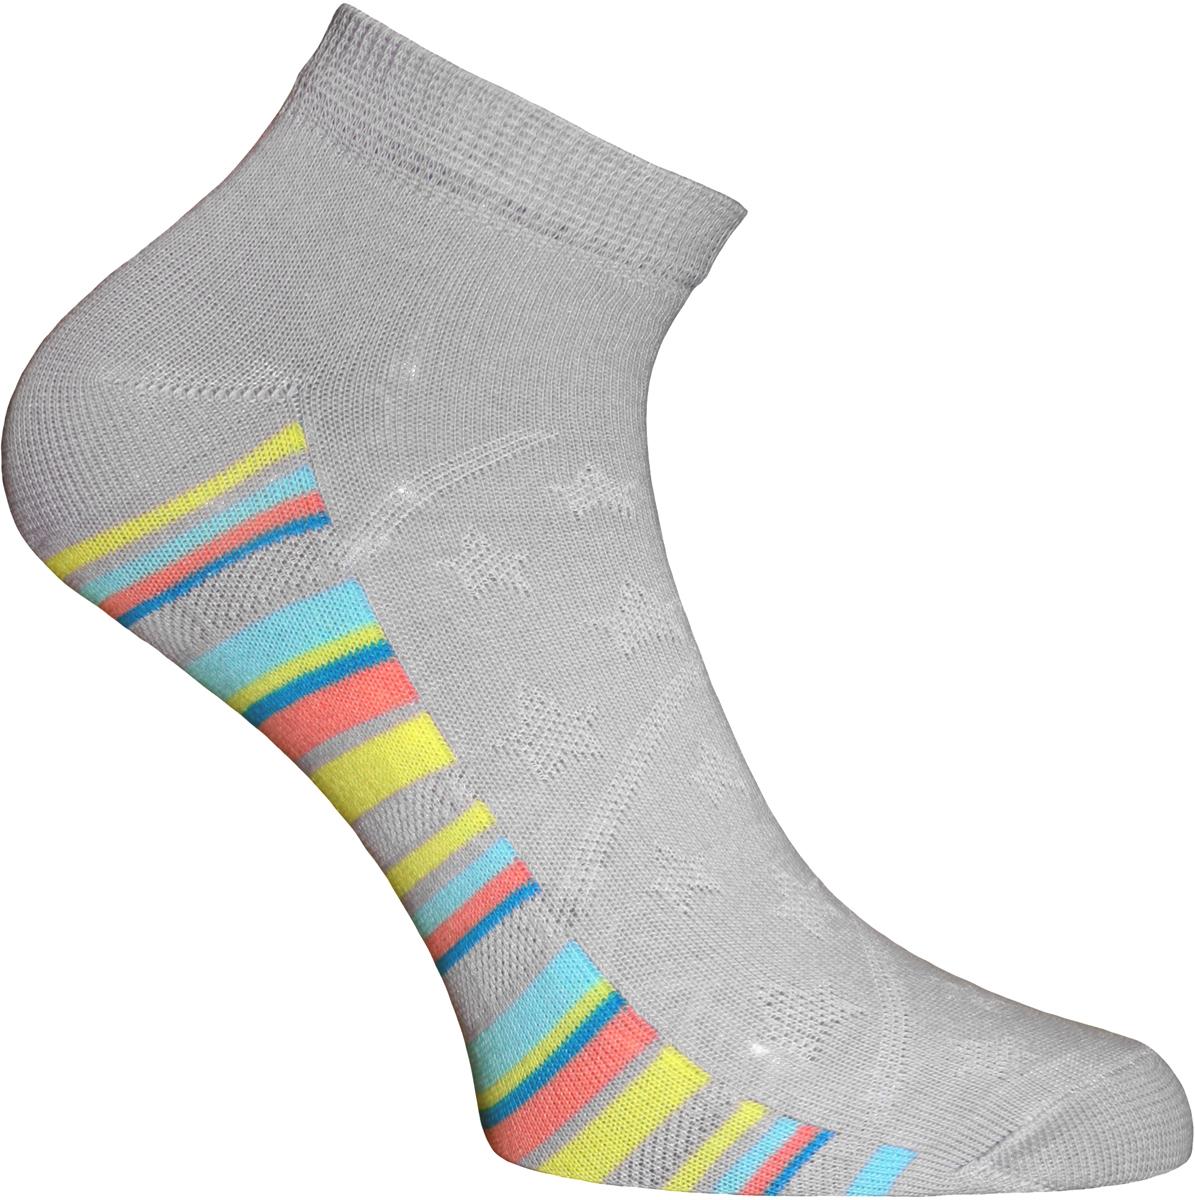 Носки женские Master Socks, цвет: светло-серый. 55910. Размер 2355910Удобные носки Master Socks, изготовленные из высококачественного комбинированного материала с хлопковой основой, очень мягкие и приятные на ощупь, позволяют коже дышать.Эластичная резинка плотно облегает ногу, не сдавливая ее, обеспечивая комфорт и удобство. Носки с укороченным паголенком оформлены принтом в полоску. Практичные и комфортные носки великолепно подойдут к любой вашей обуви.